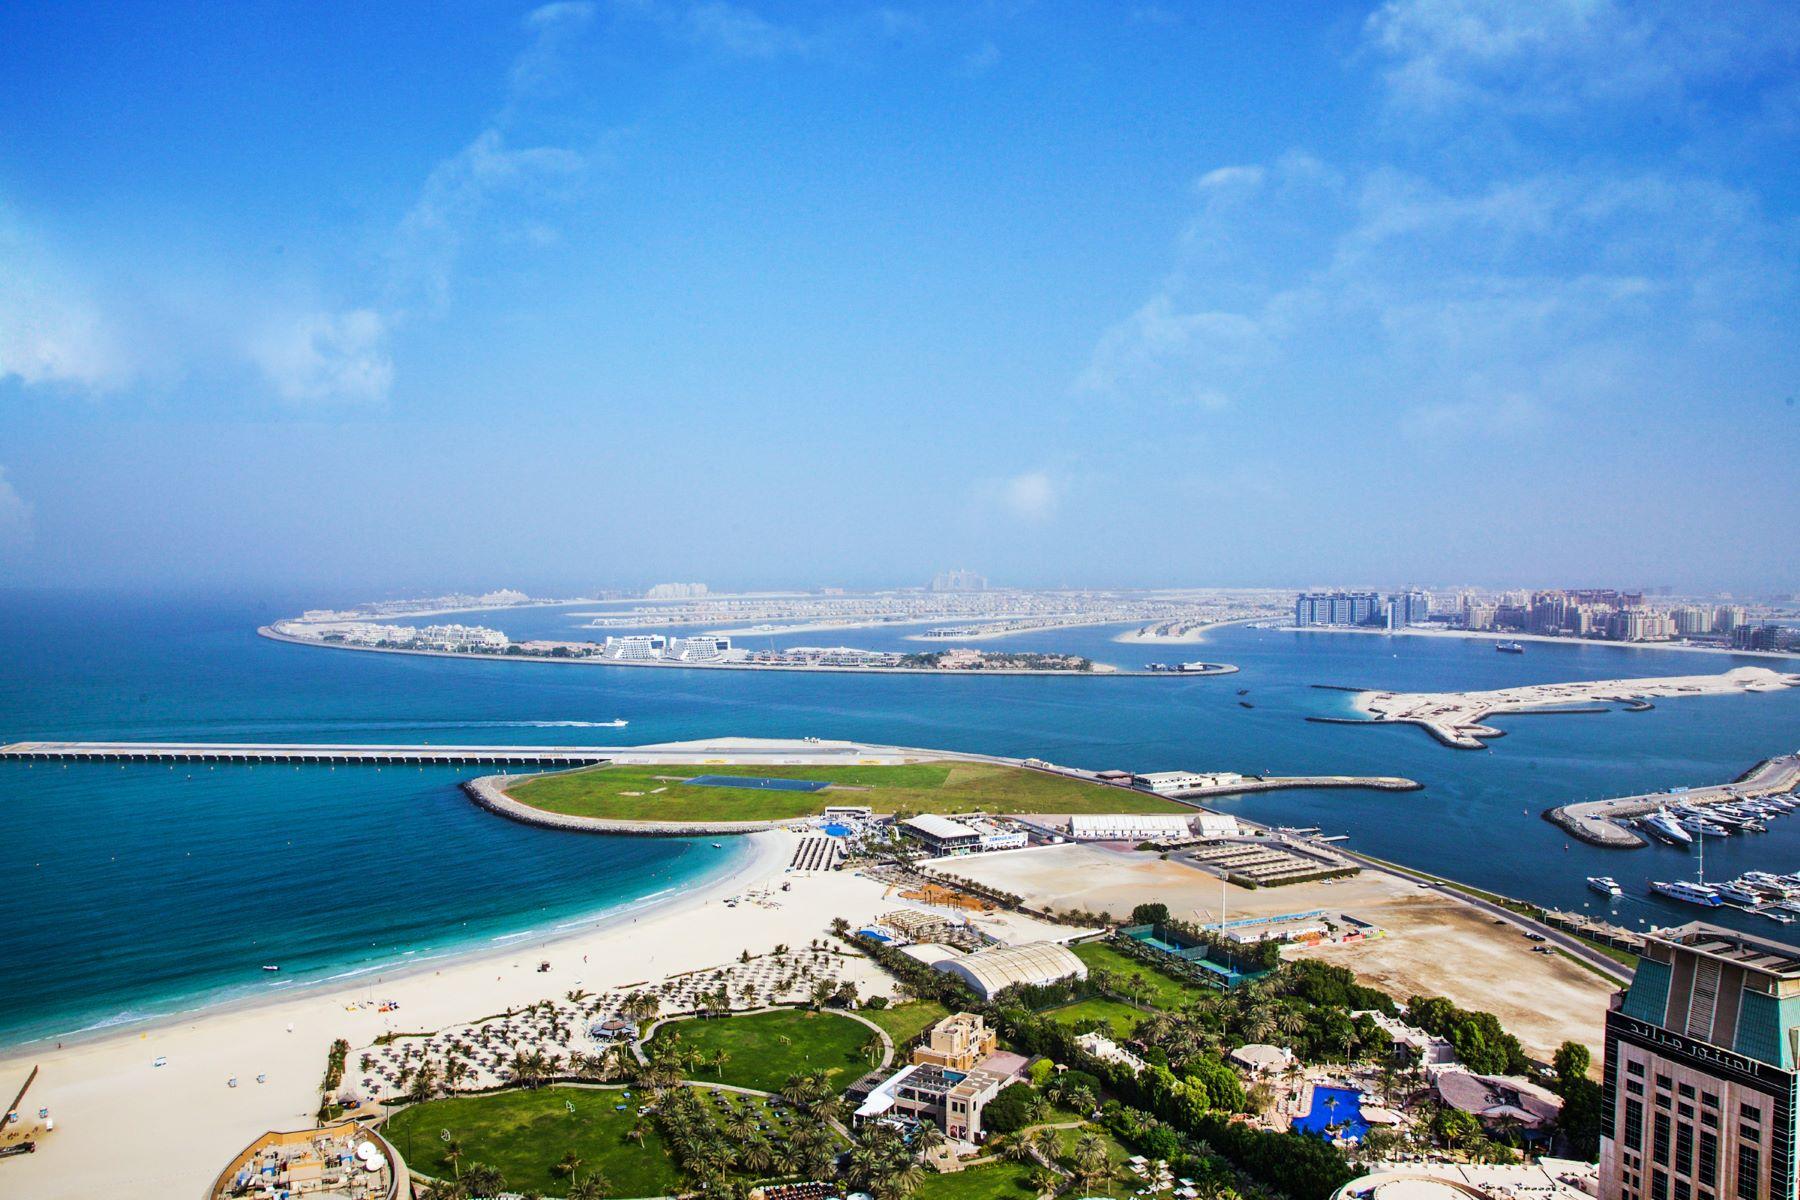 Căn hộ vì Bán tại Trident Grand Penthouse Dubai Marina, Dubai, Các Tiểu Vương Quốc Ả-Rập Thống Nhất